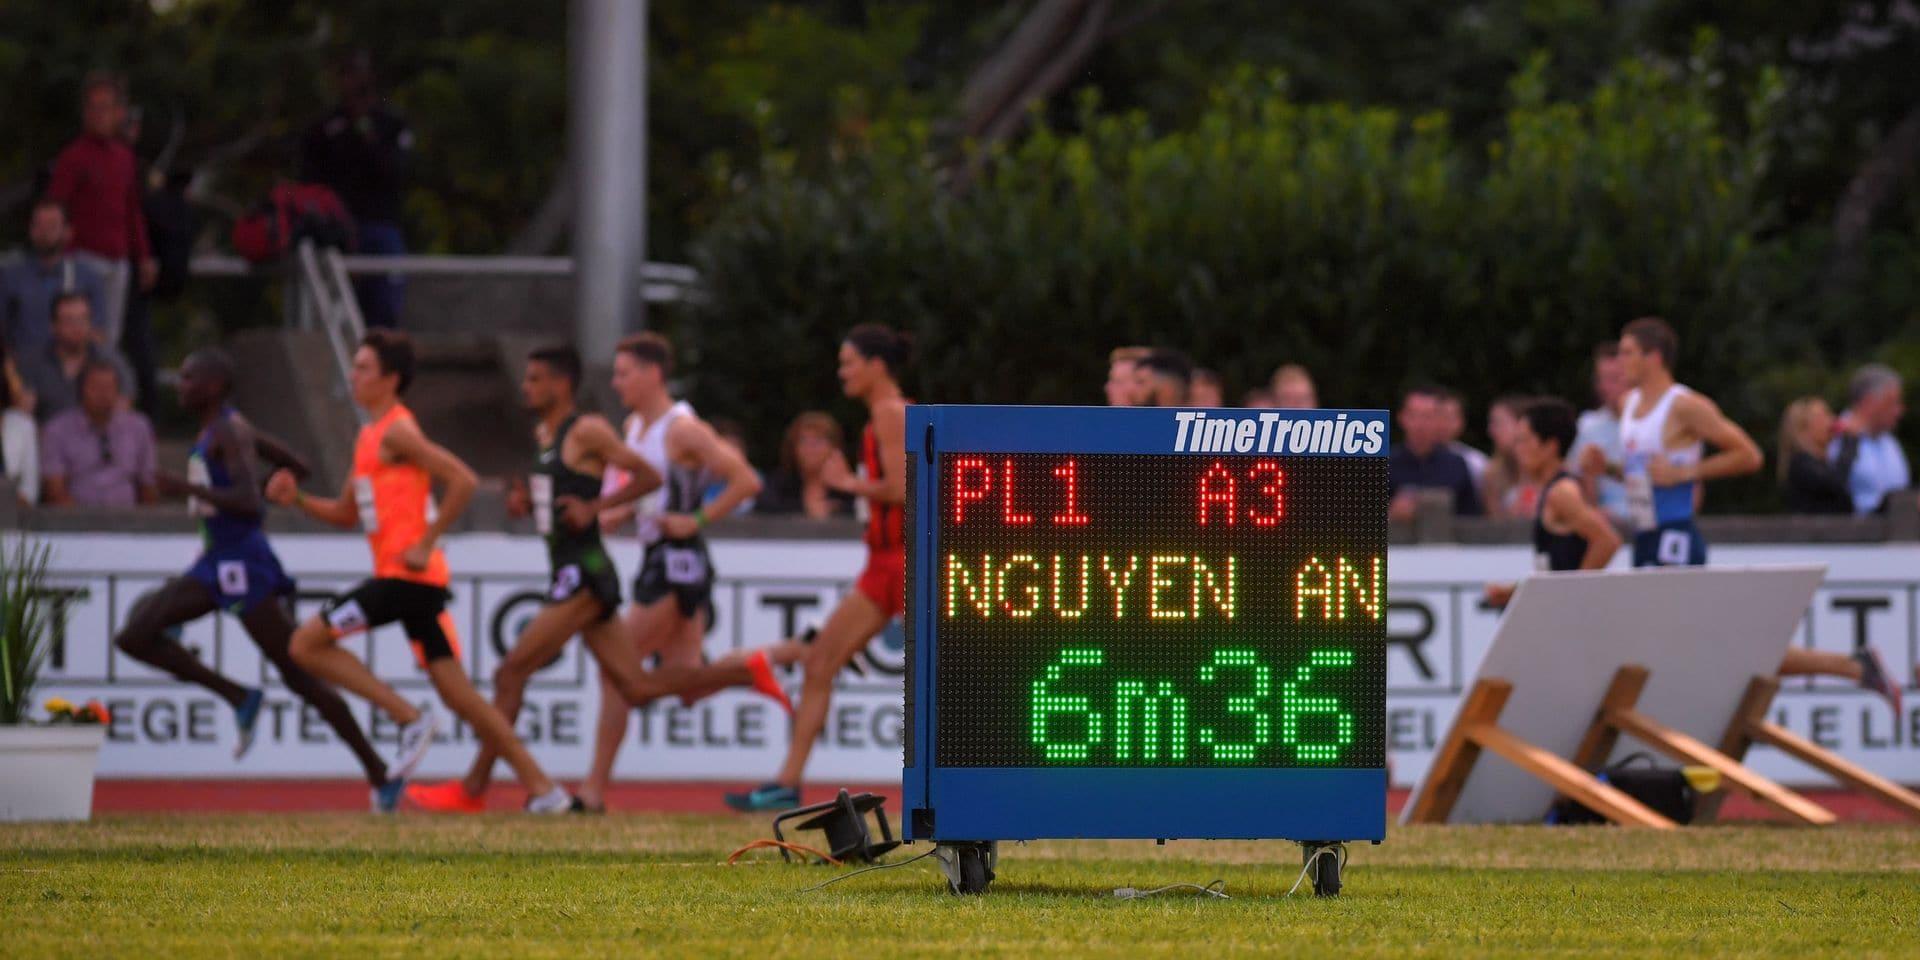 Euromeetings veut ouvrir les qualifications olympiques dès l'automne